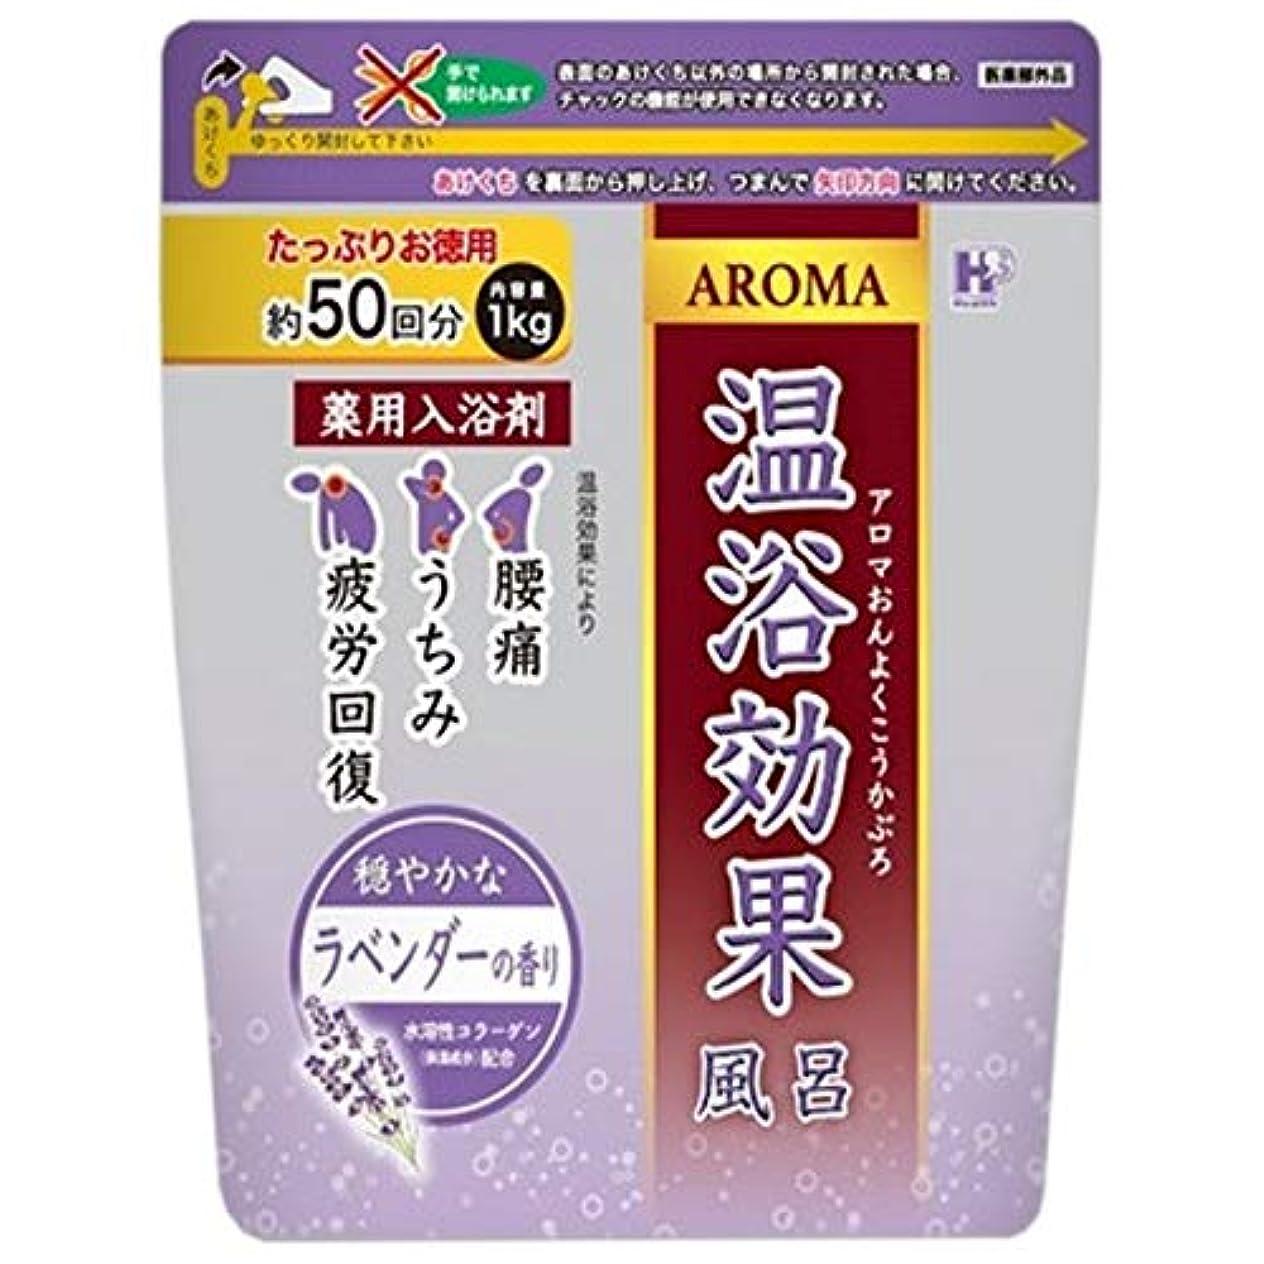 練習セーブ問い合わせる薬用入浴剤 アロマ温浴効果風呂 ラベンダー 1kg×10袋入